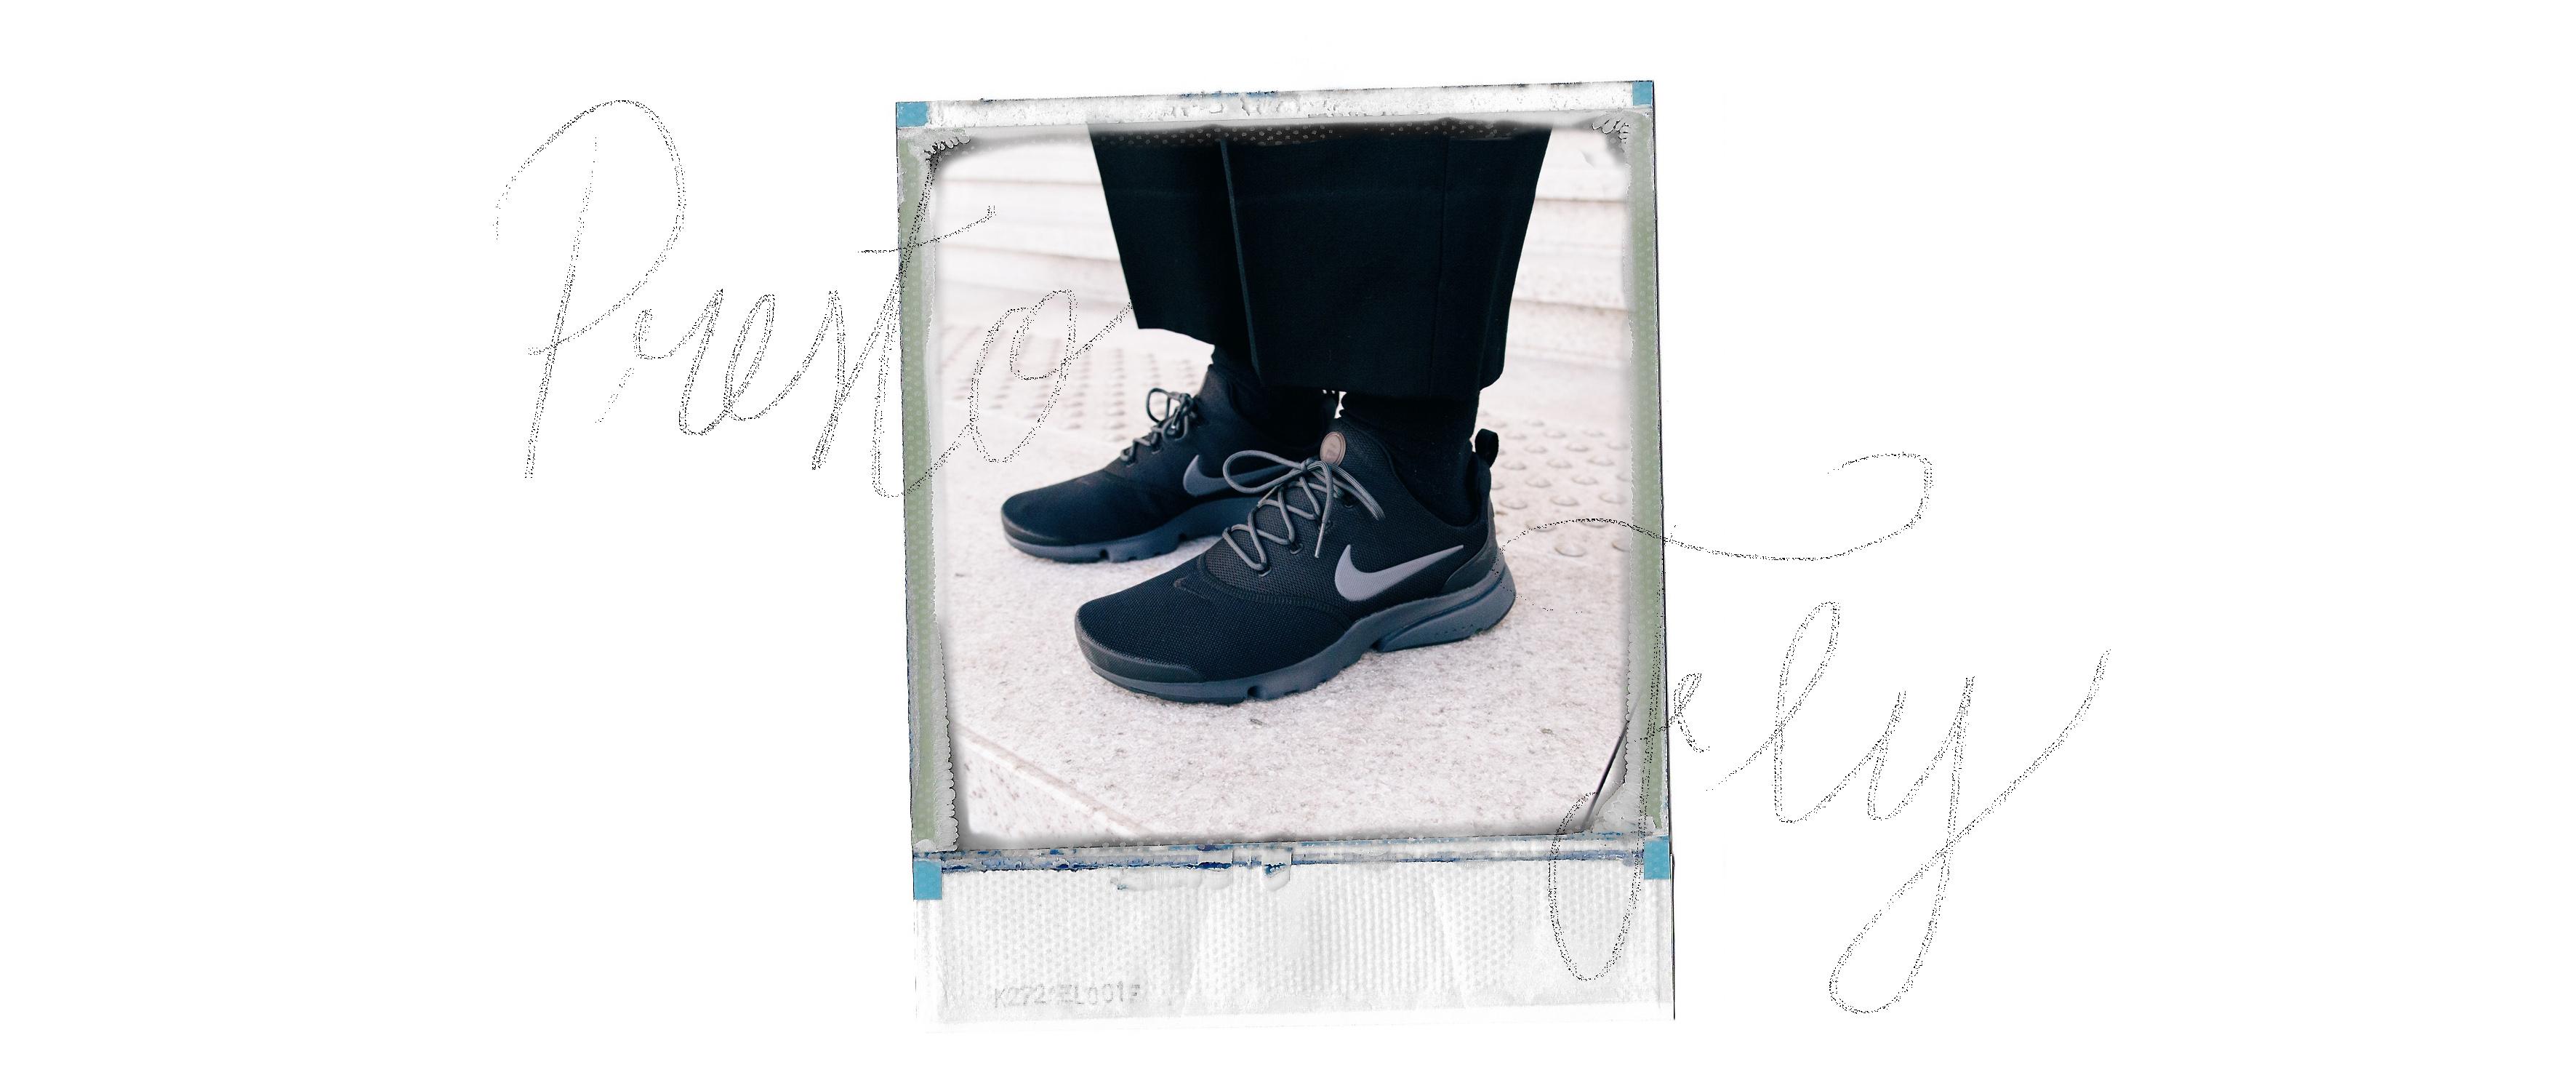 presto fly black nike sneakers